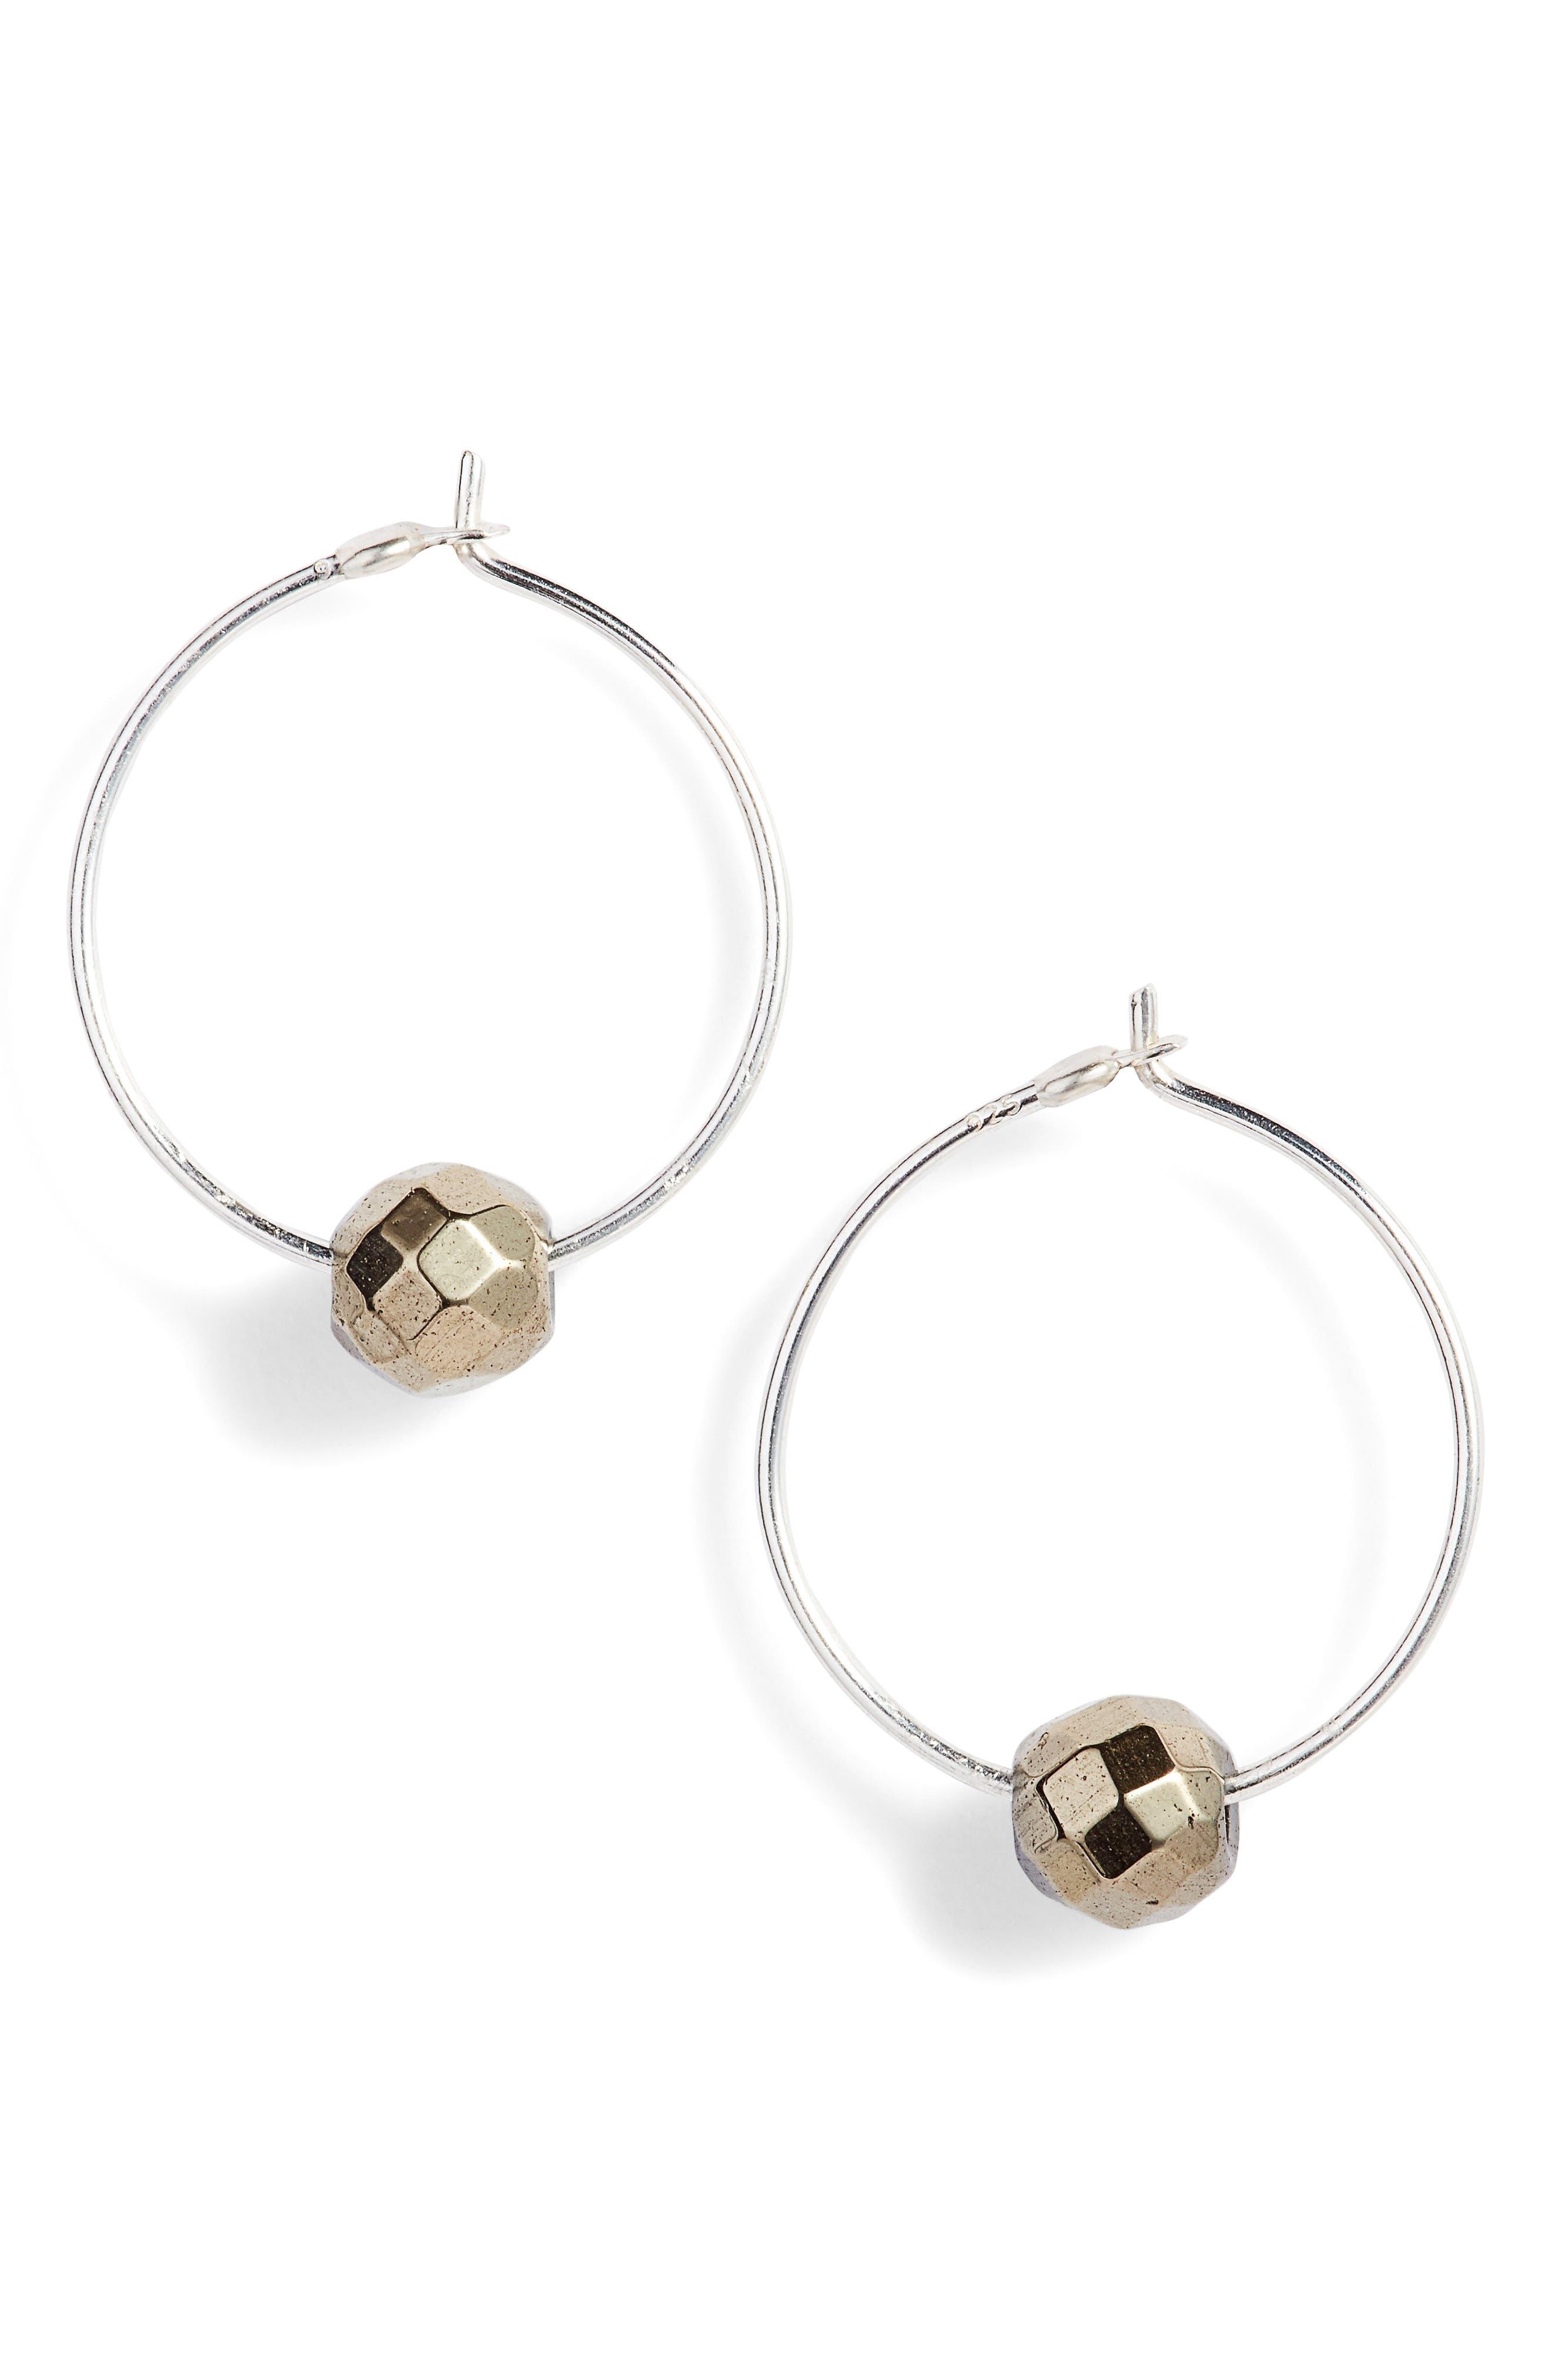 Labradorite Floating Hoop Earrings,                         Main,                         color, Pyrite/ Silver